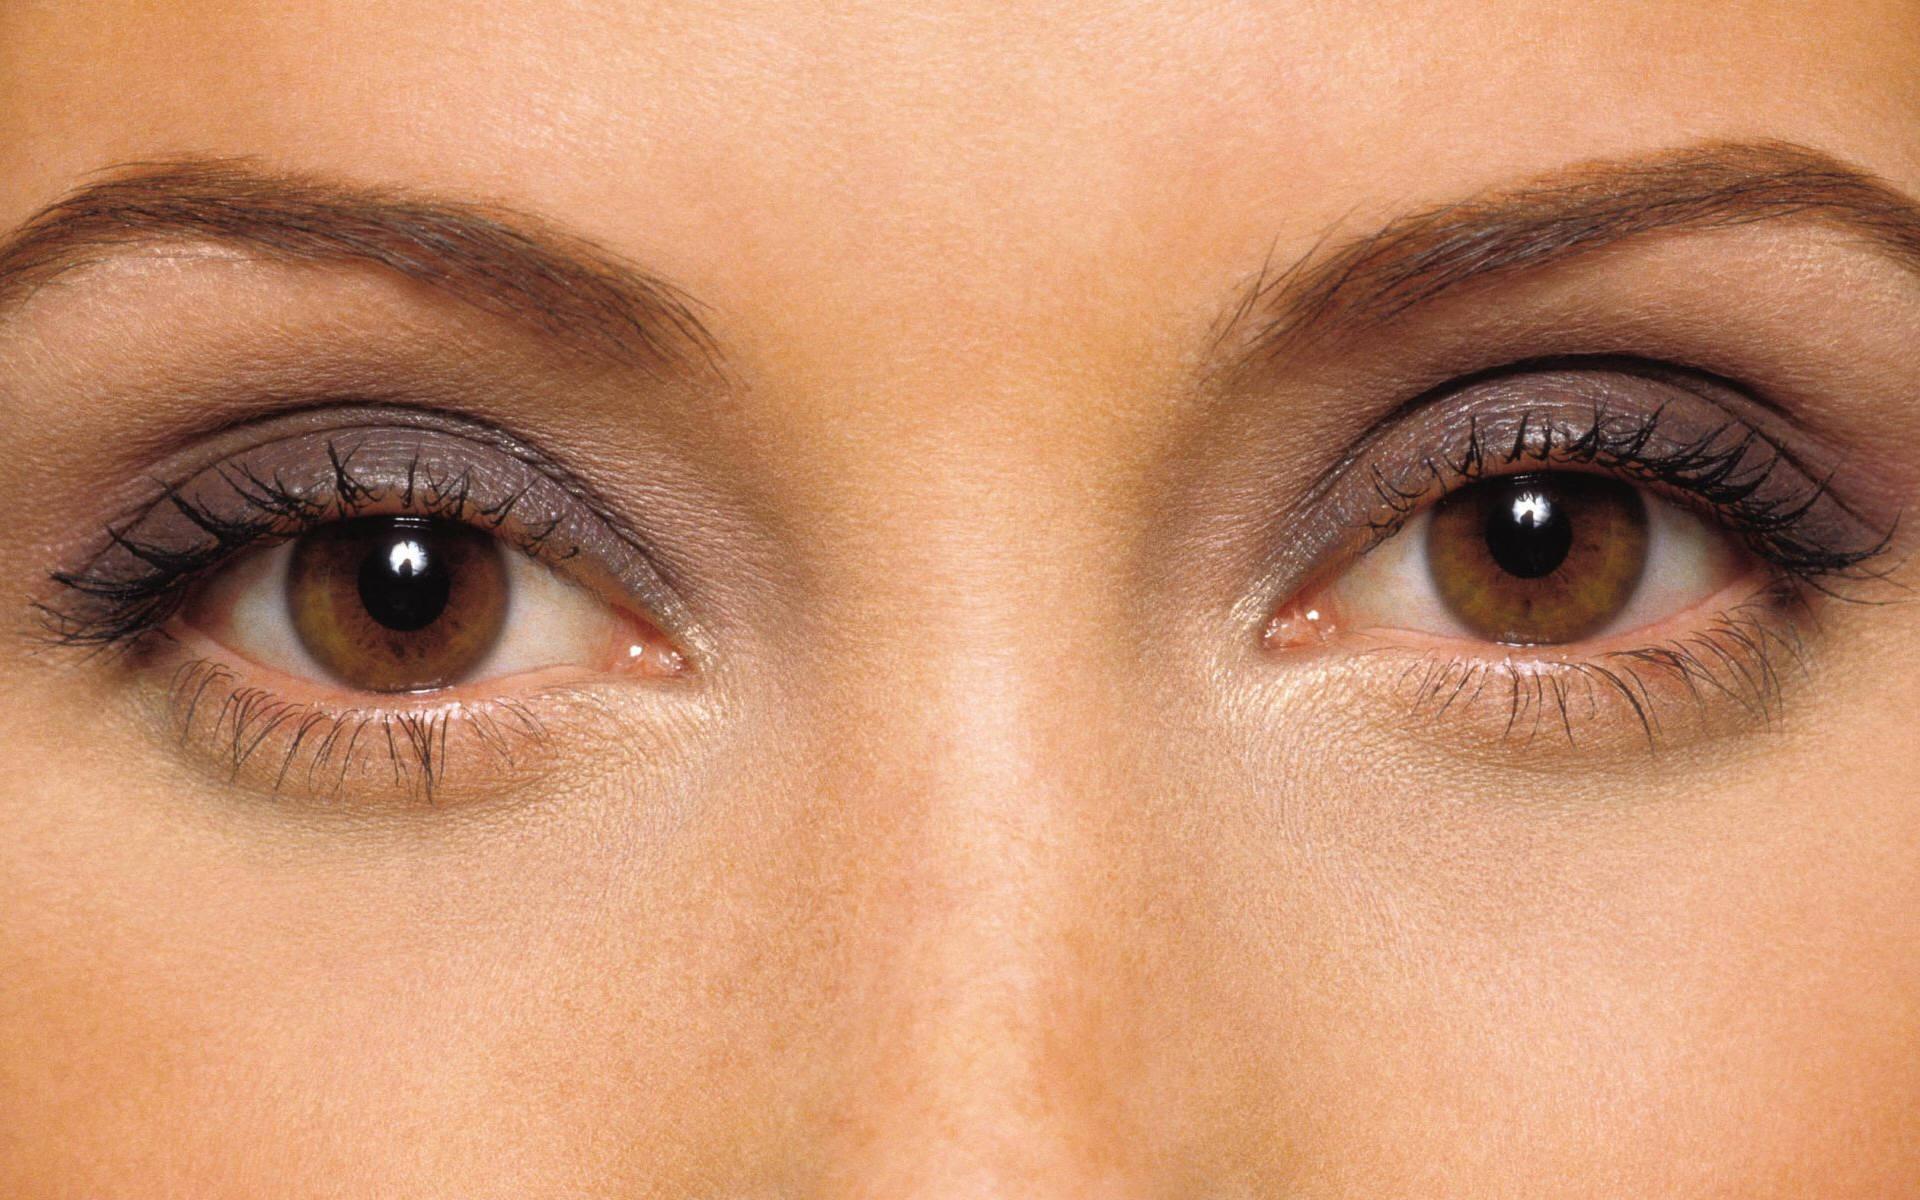 Как изменить цвет глаз? Способы без линз и операций 80